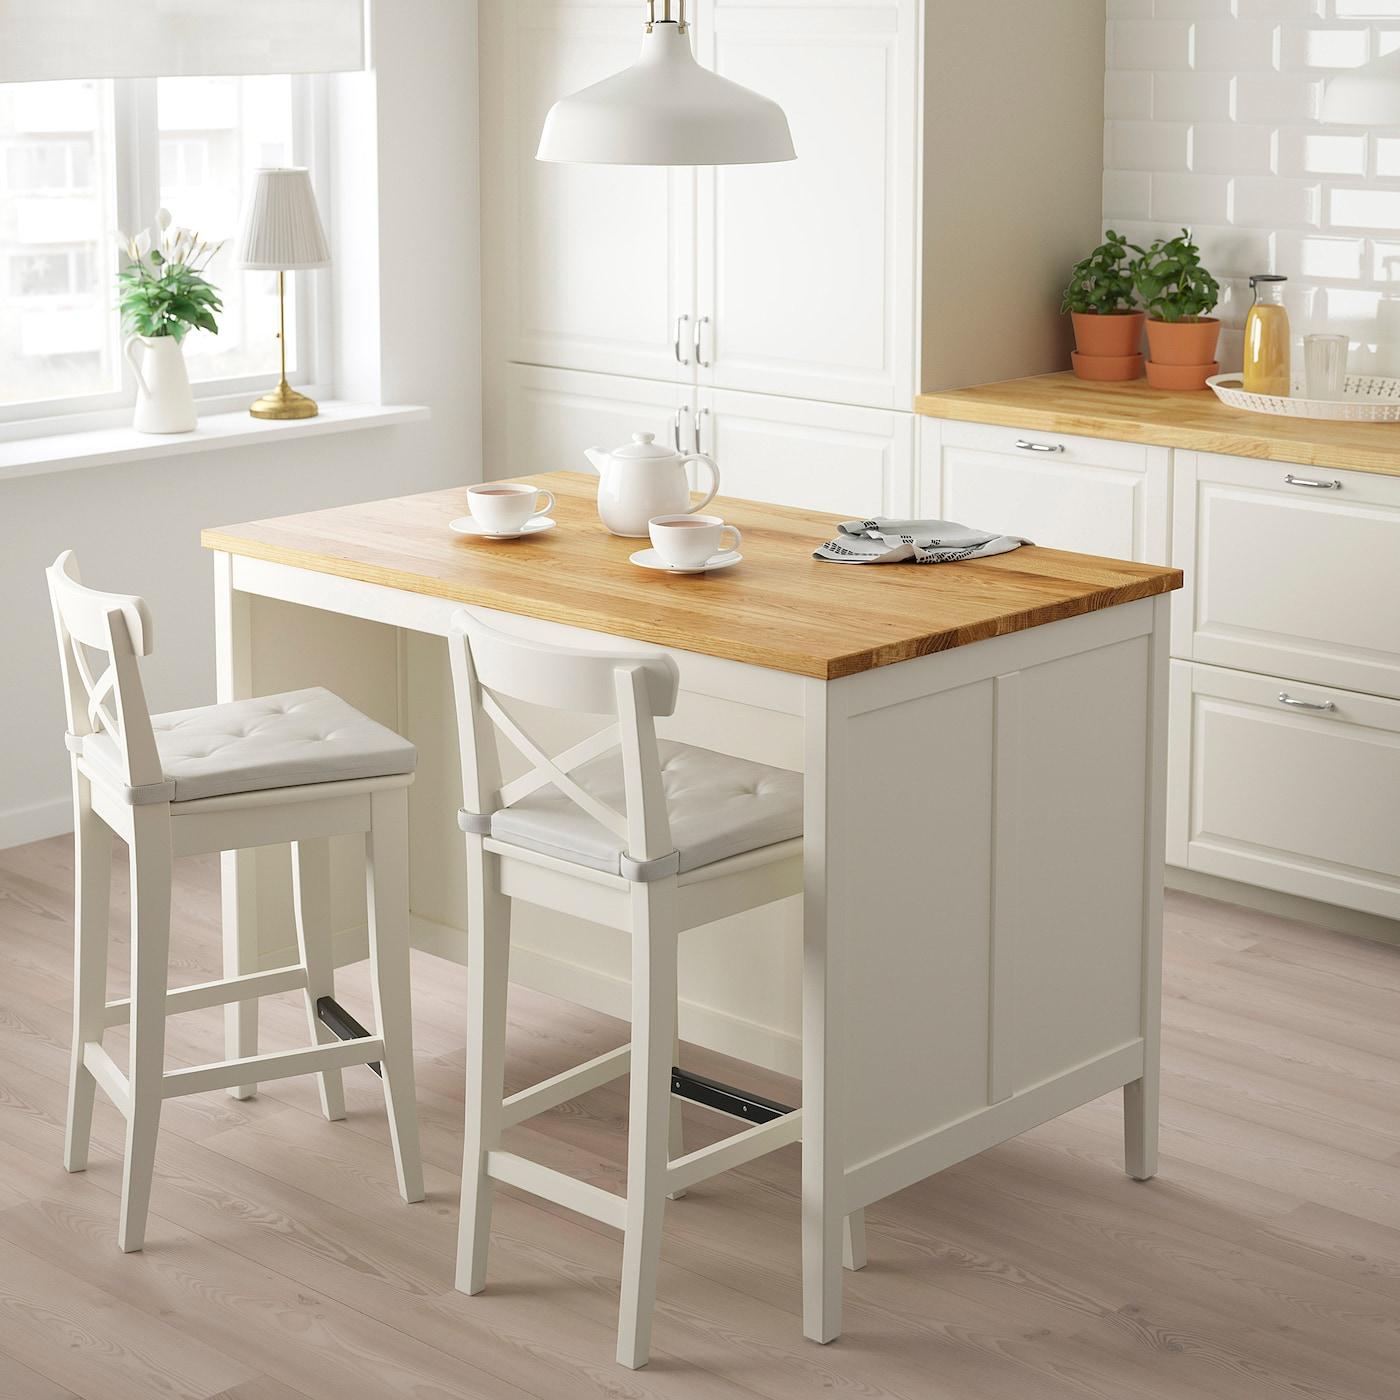 TORNVIKEN Kitchen island   off white/oak 9x9 cm